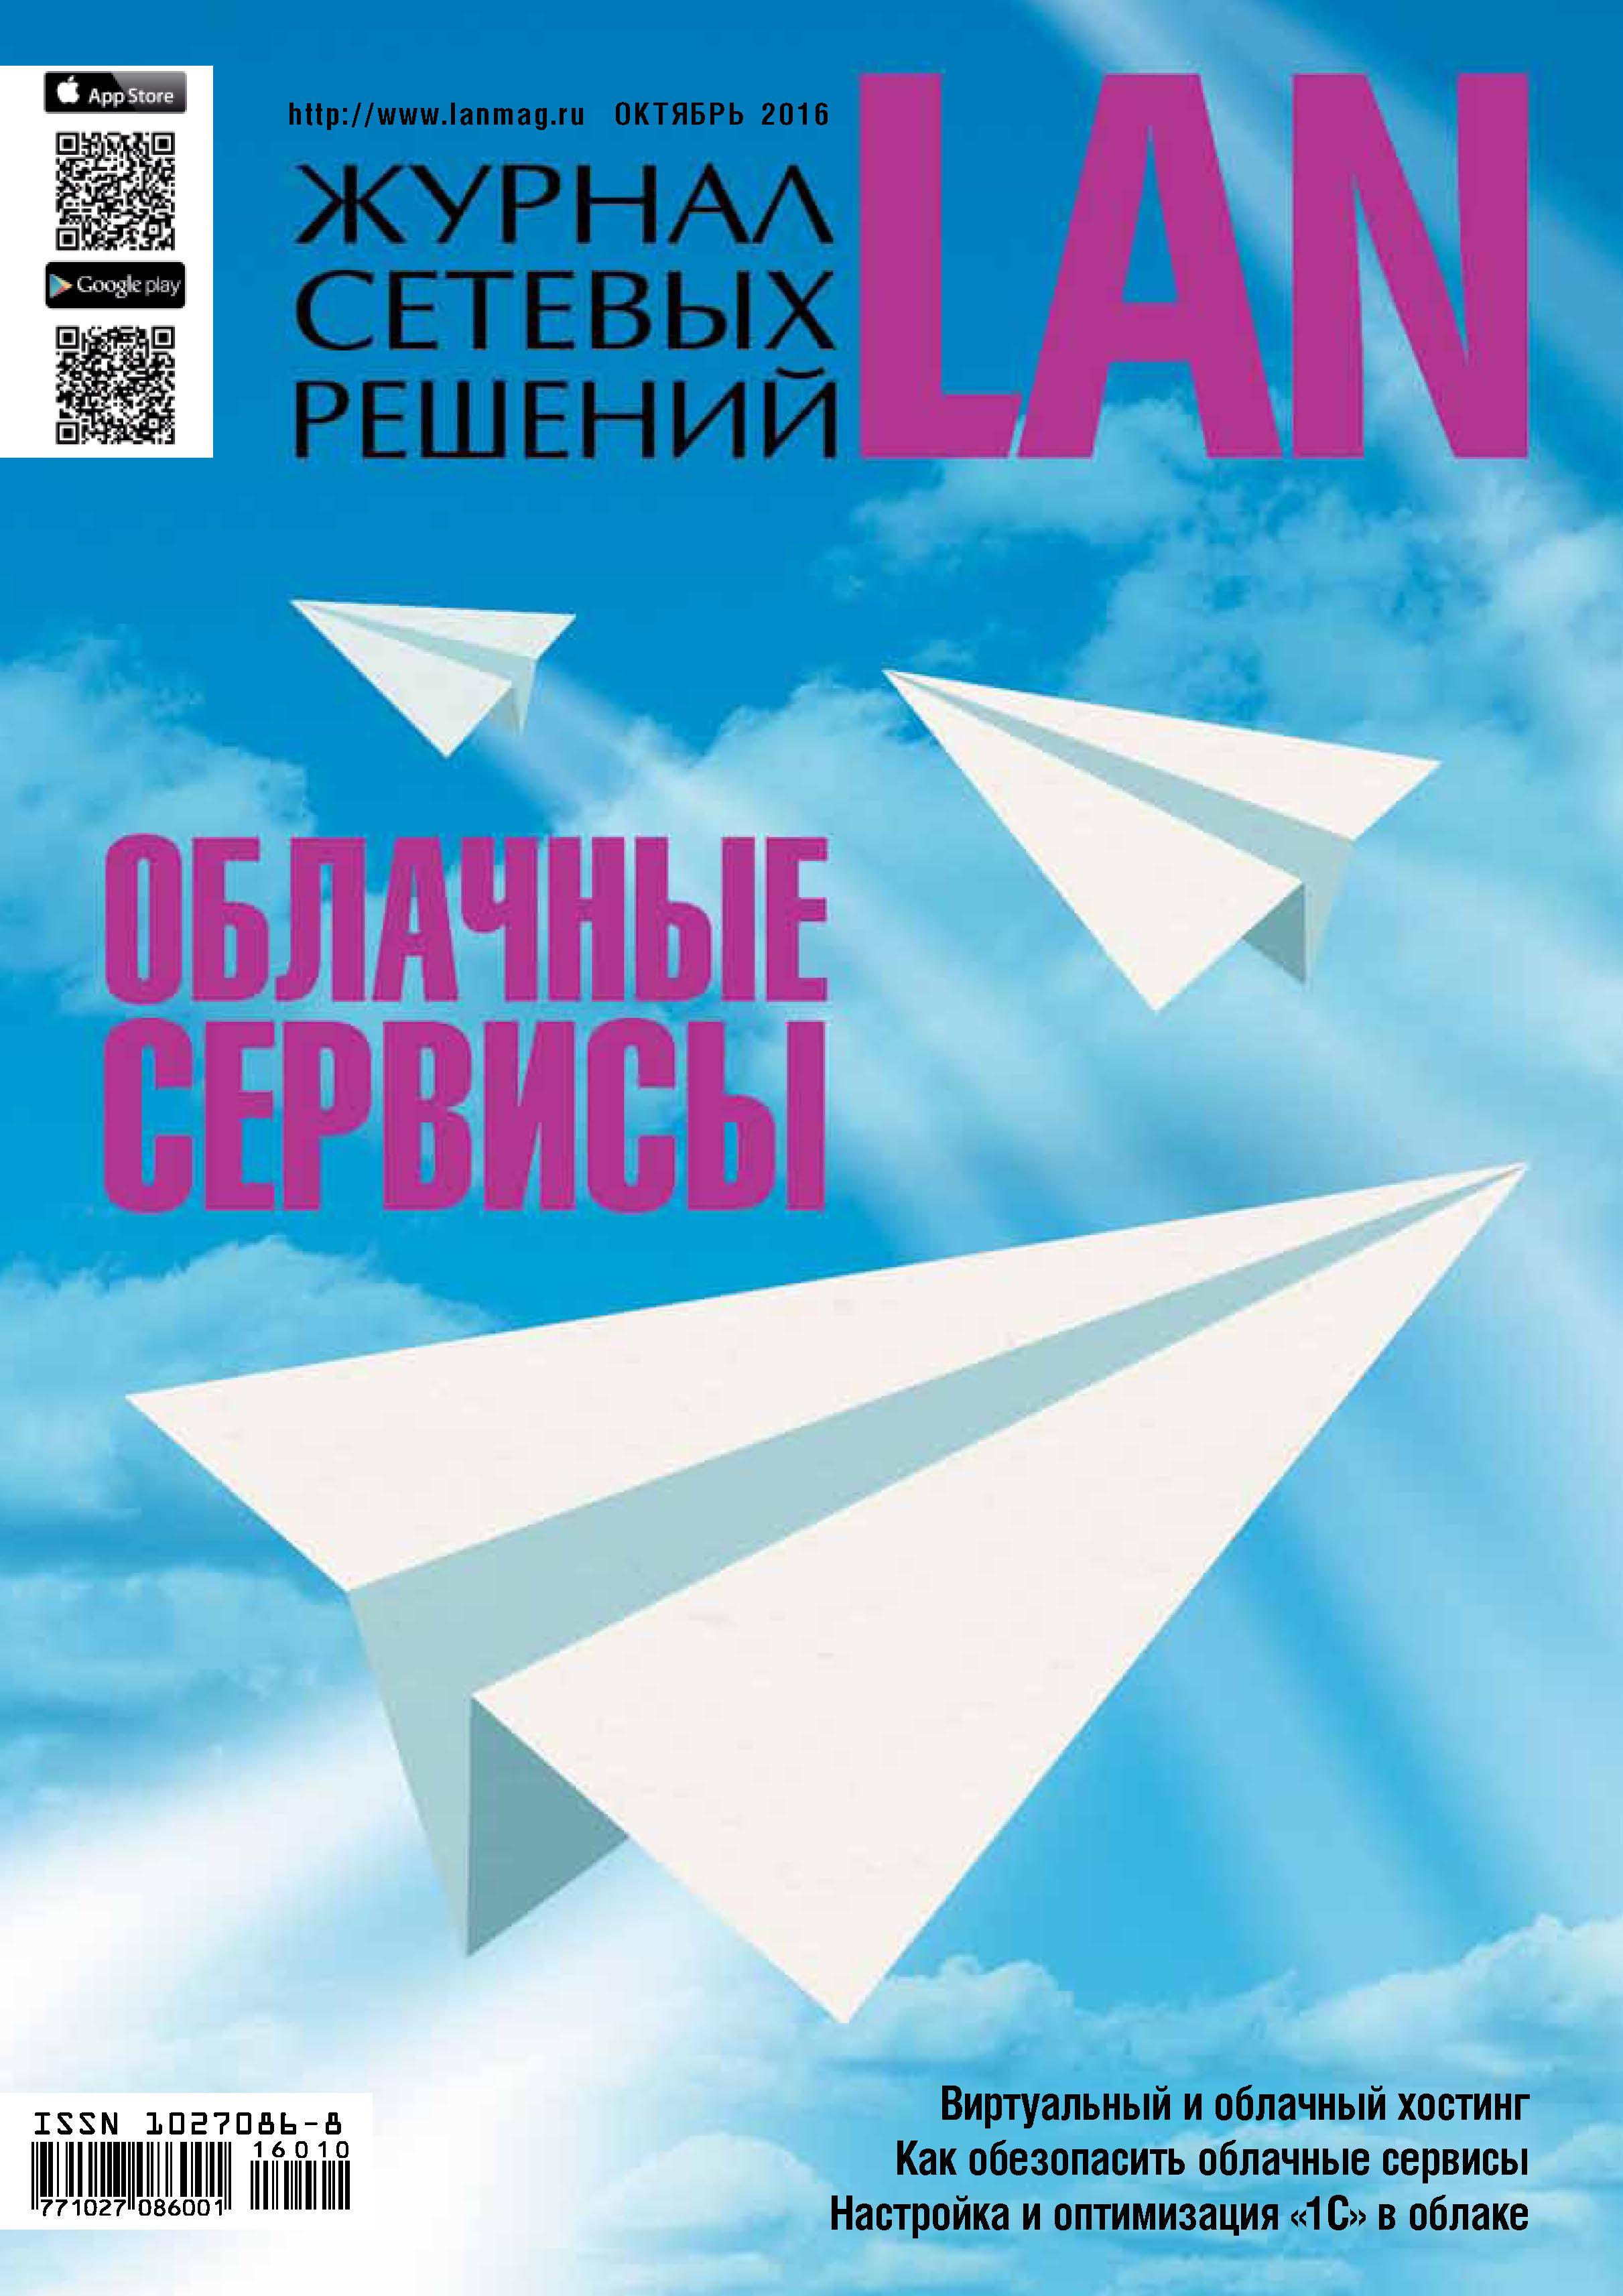 Открытые системы Журнал сетевых решений / LAN №10/2016 открытые системы журнал сетевых решений lan 10 2015